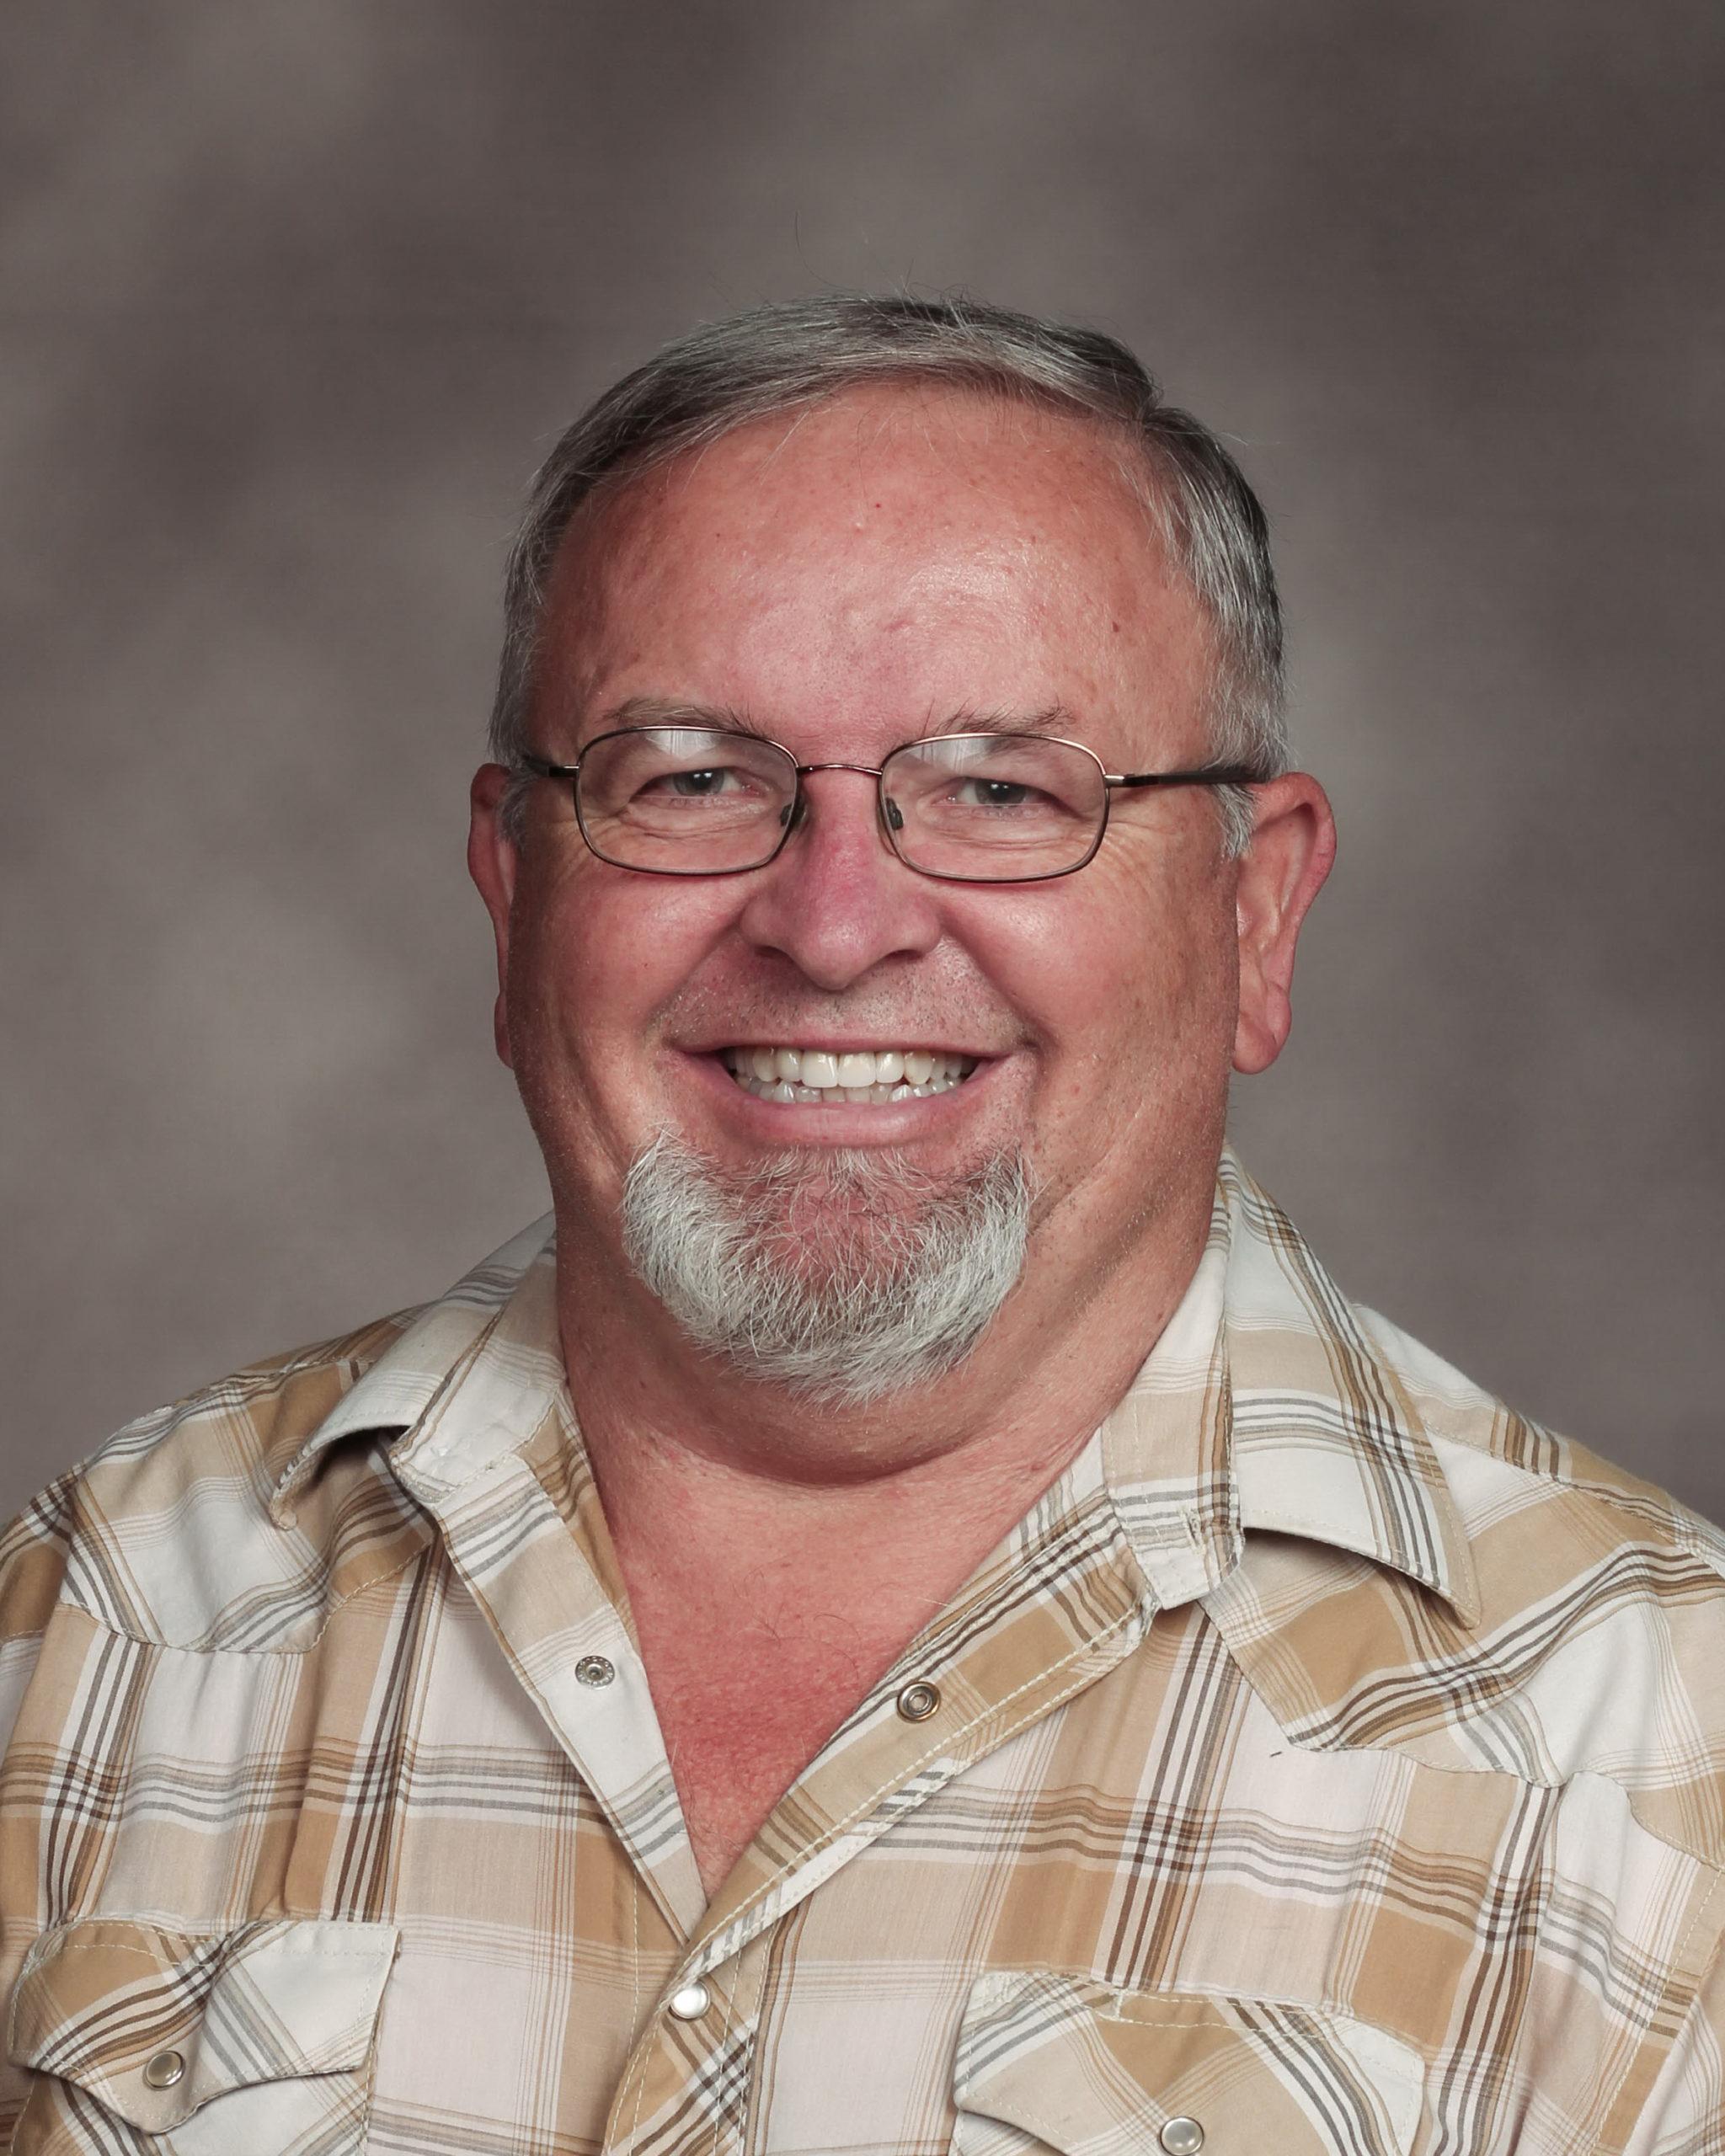 Jim Siggaard